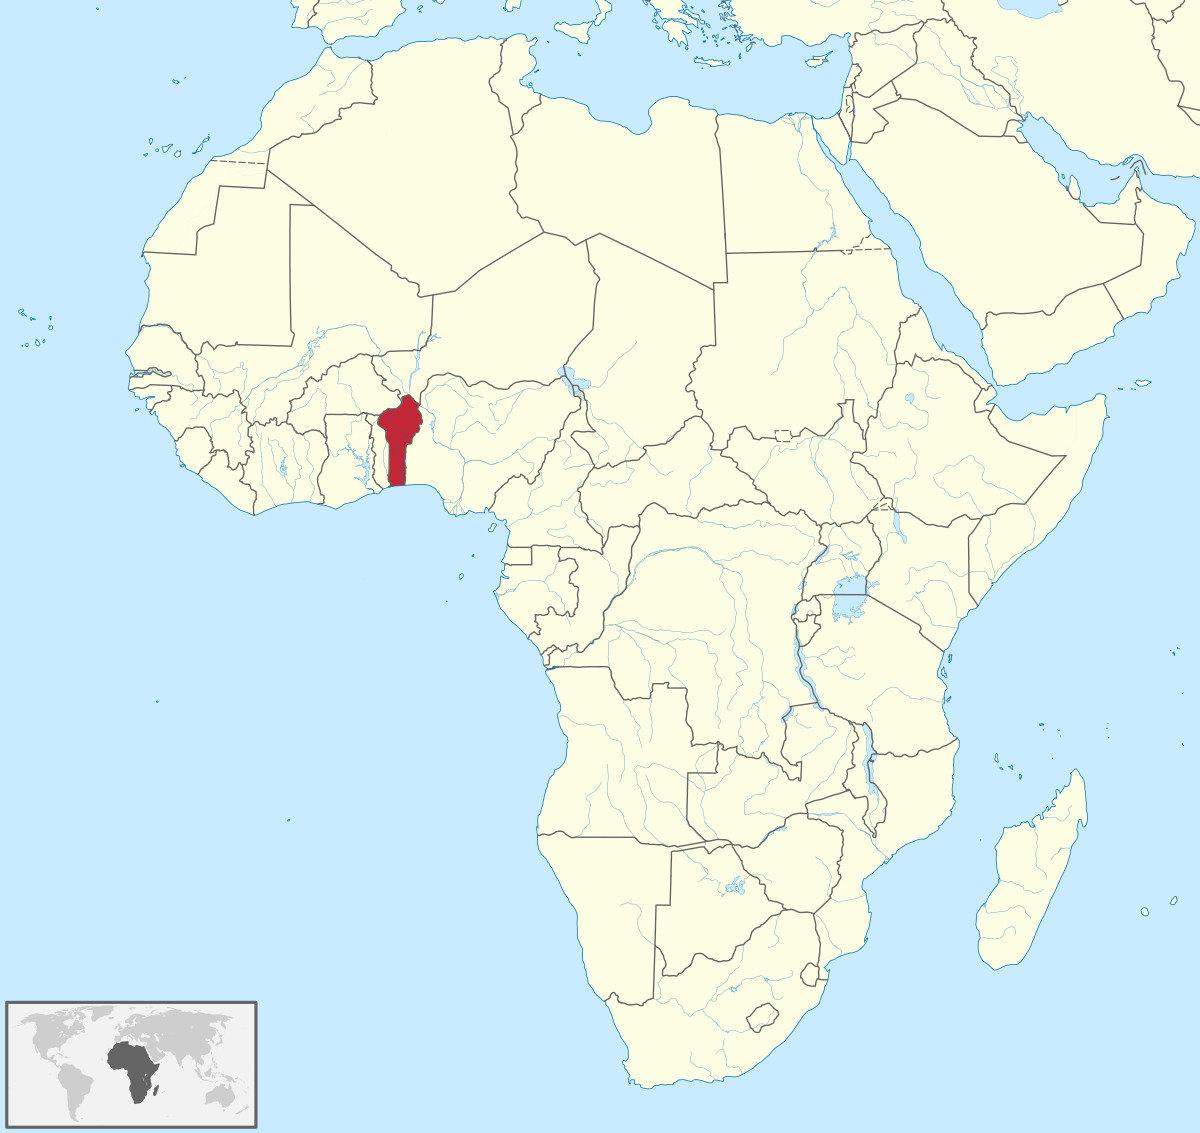 vakarų afrikos prekybos sistema pelninga kriptovaliuta